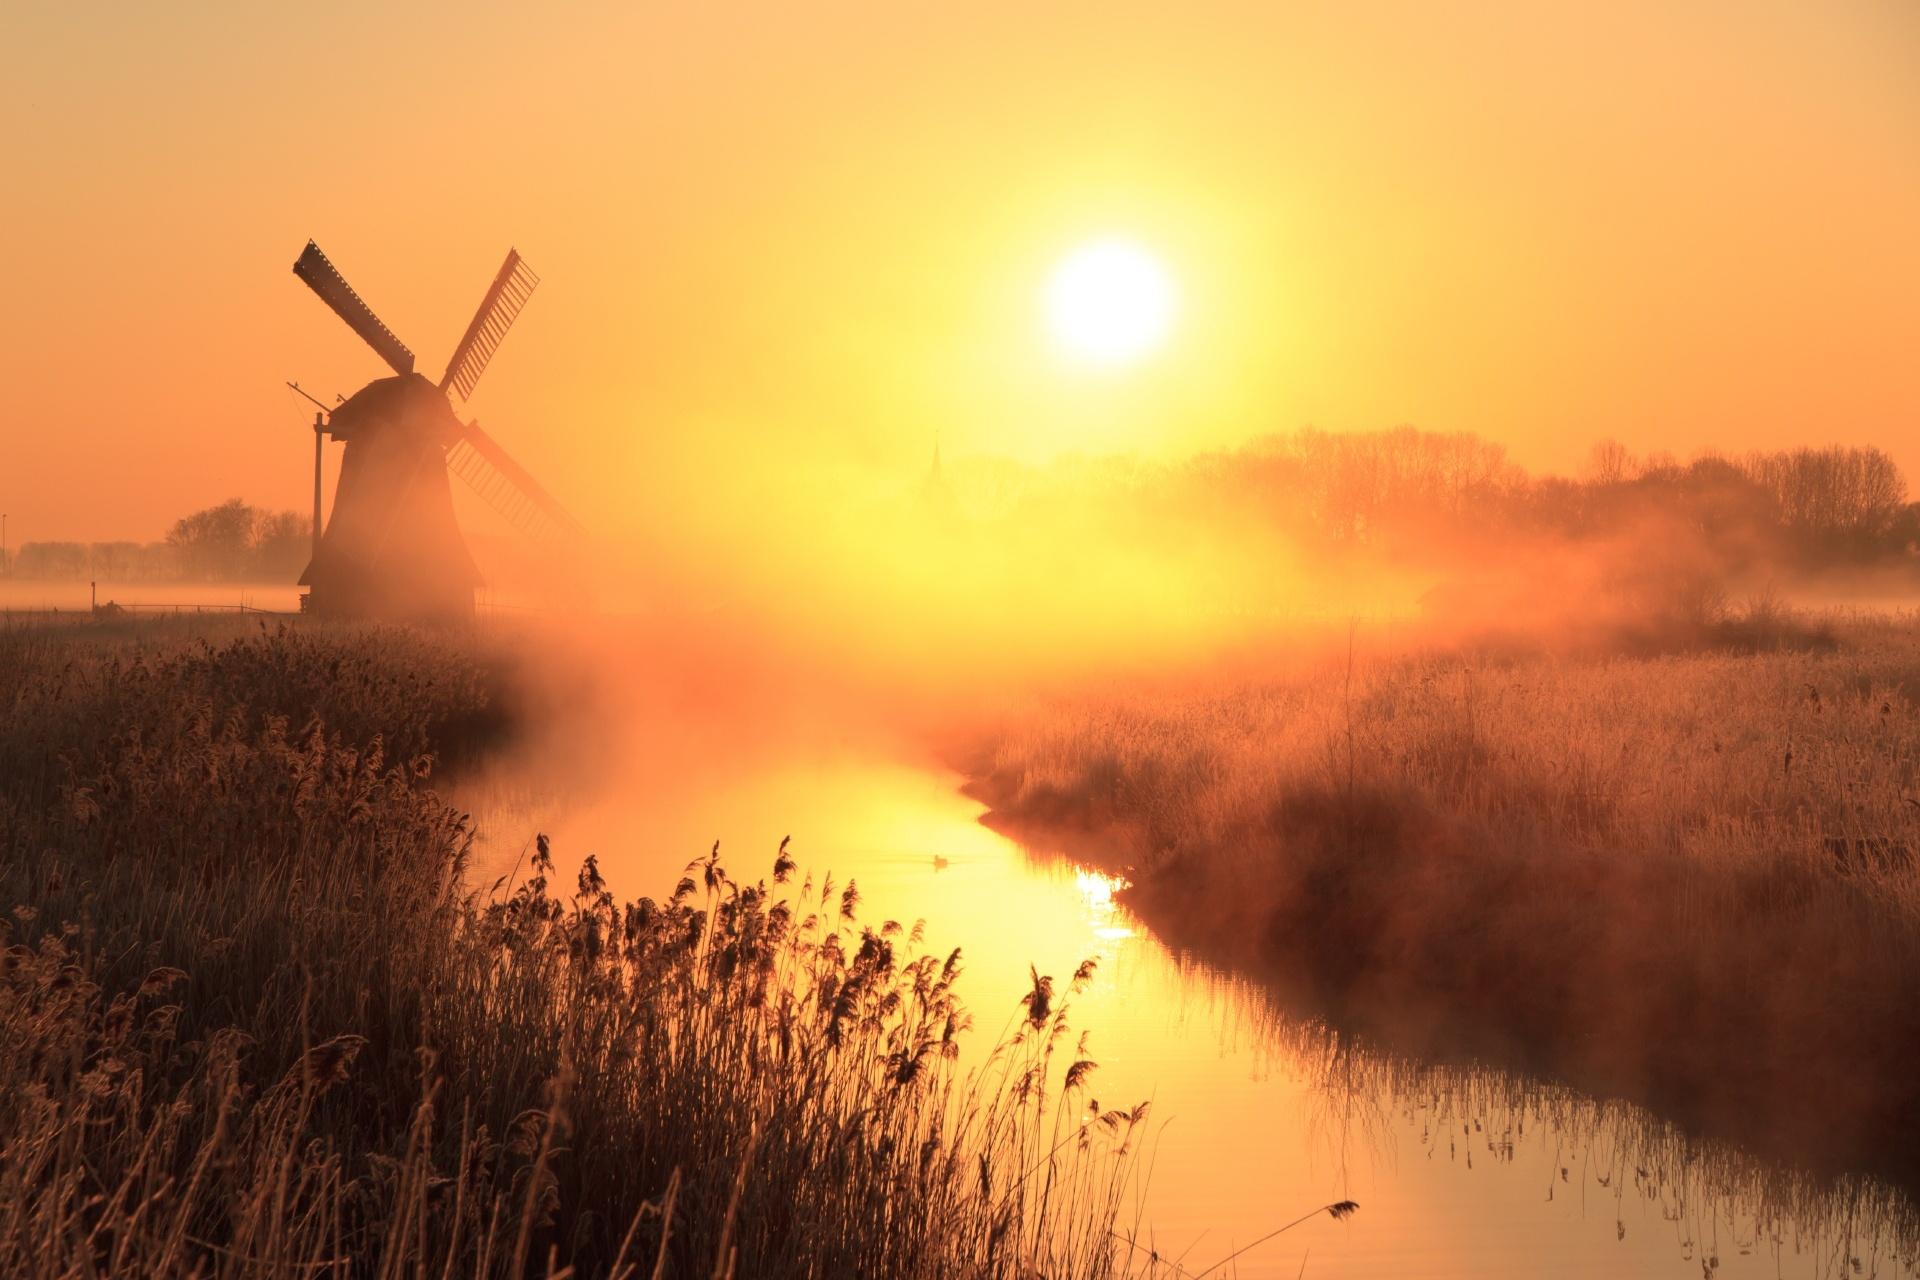 風車と運河と春の霧の風景 オランダの日の出の風景